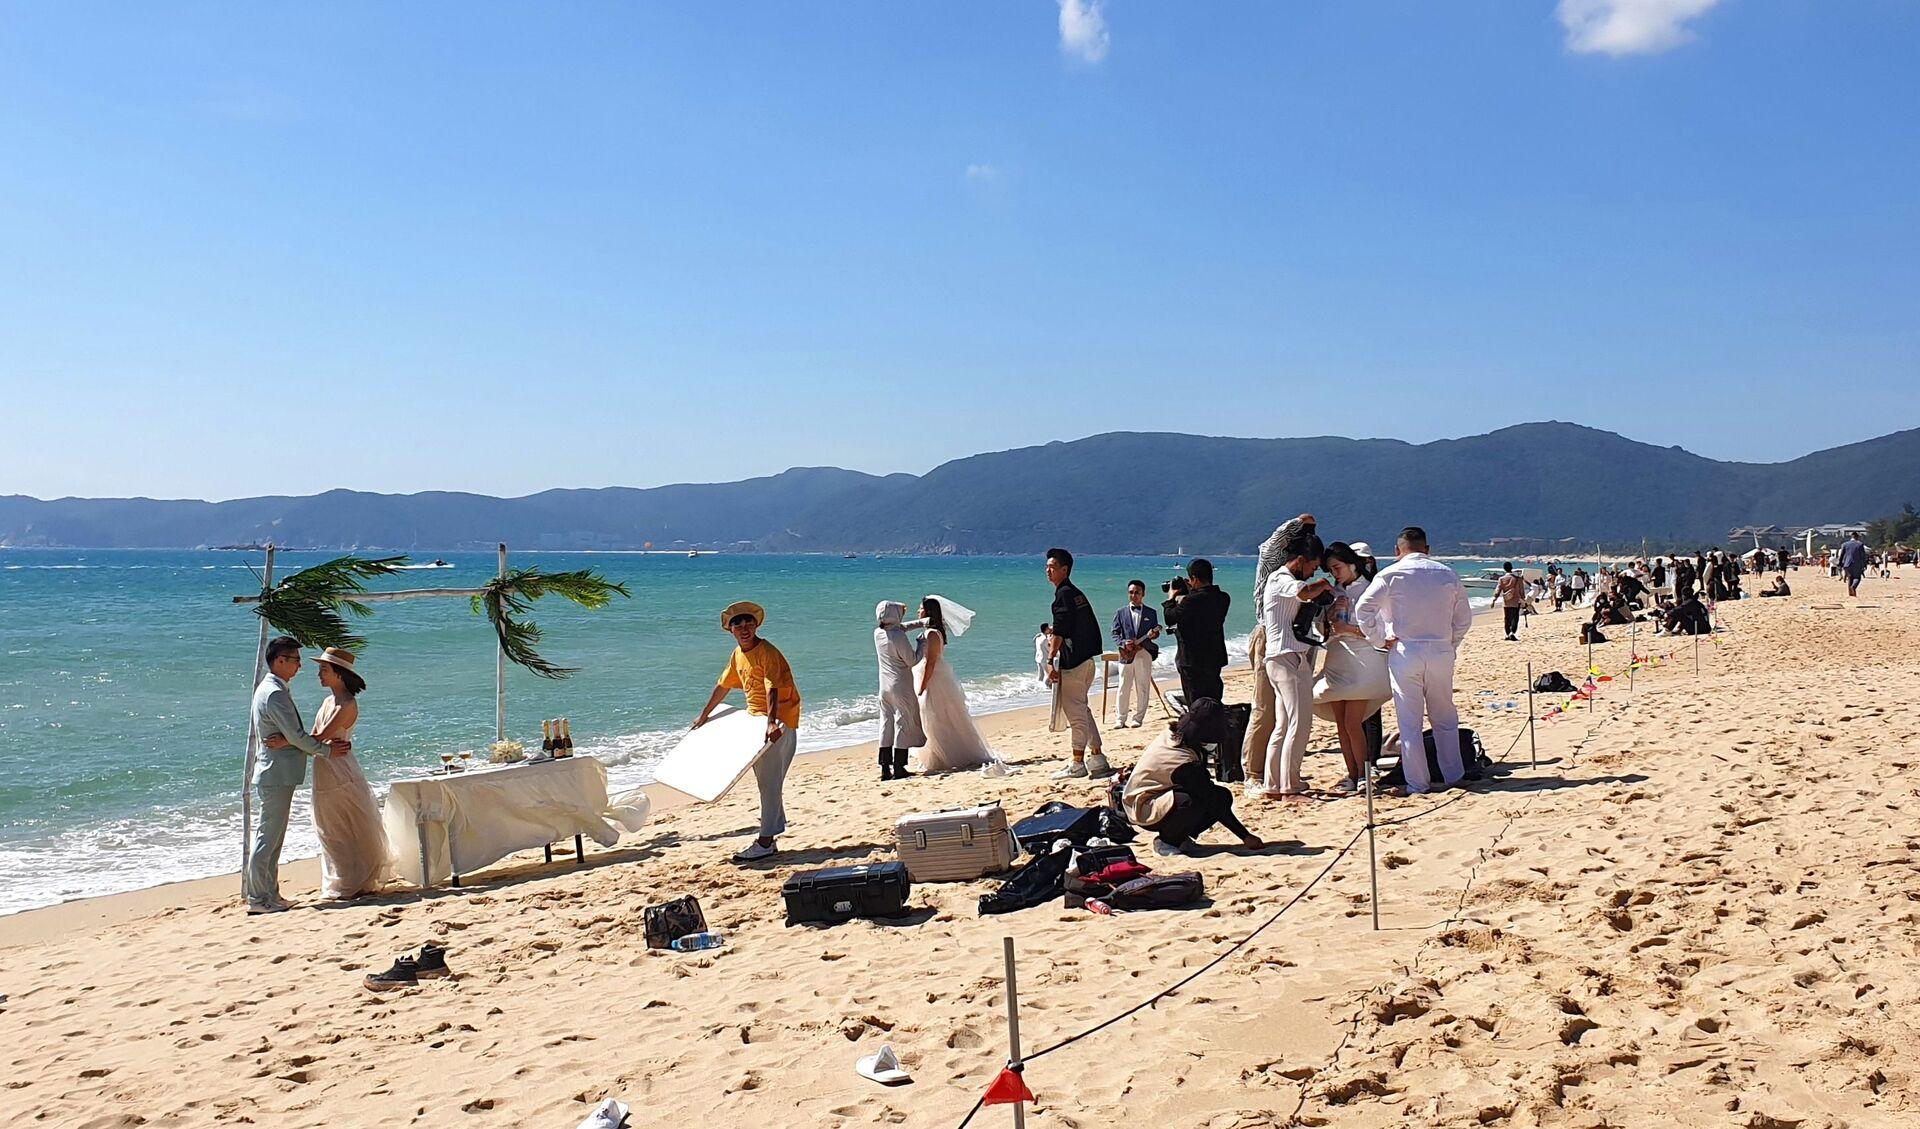 Matrimonio in spiaggia su un'isola cinese - Sputnik Italia, 1920, 18.05.2021